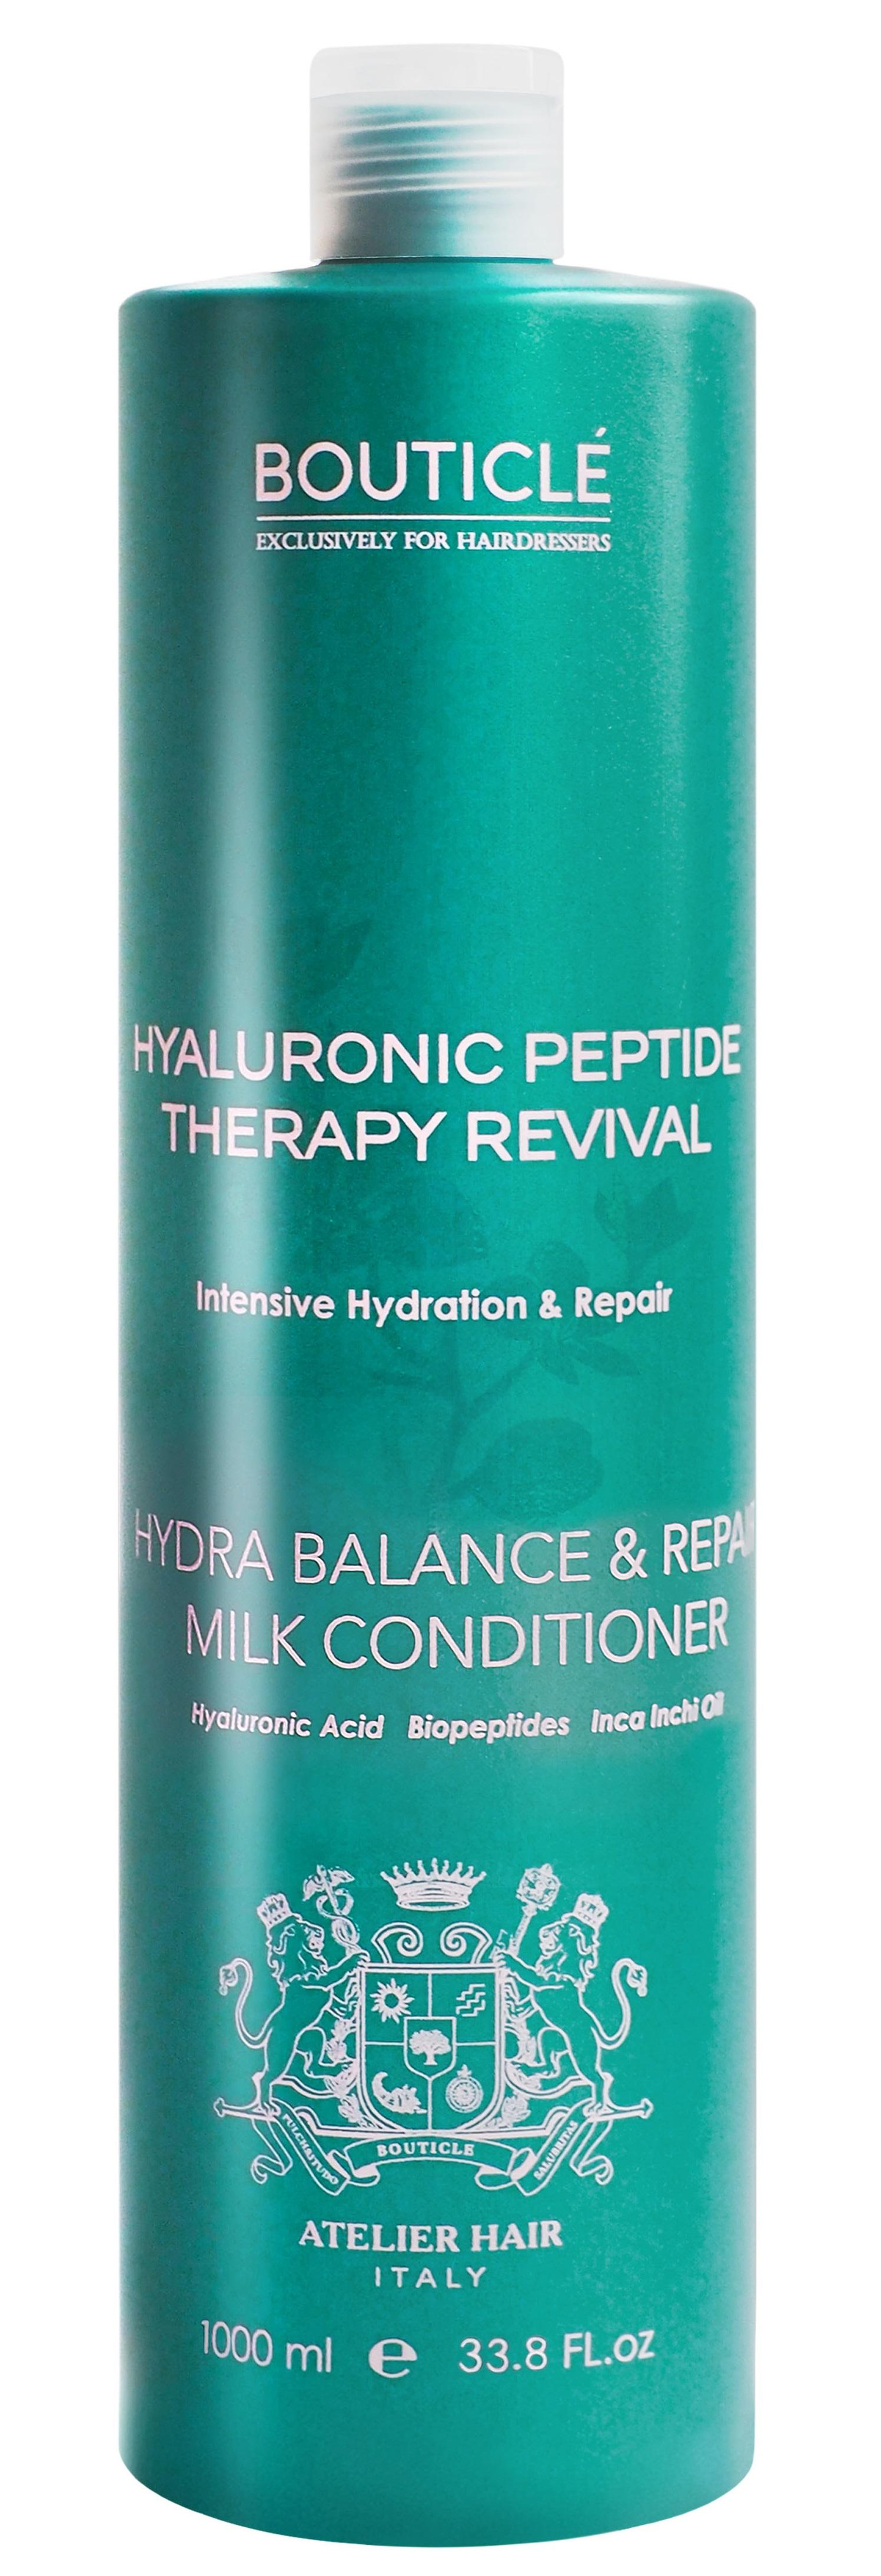 Купить BOUTICLE Кондиционер увлажняющий для поврежденных волос / Hydra Balance & Repair Milk Conditioner 1000 мл